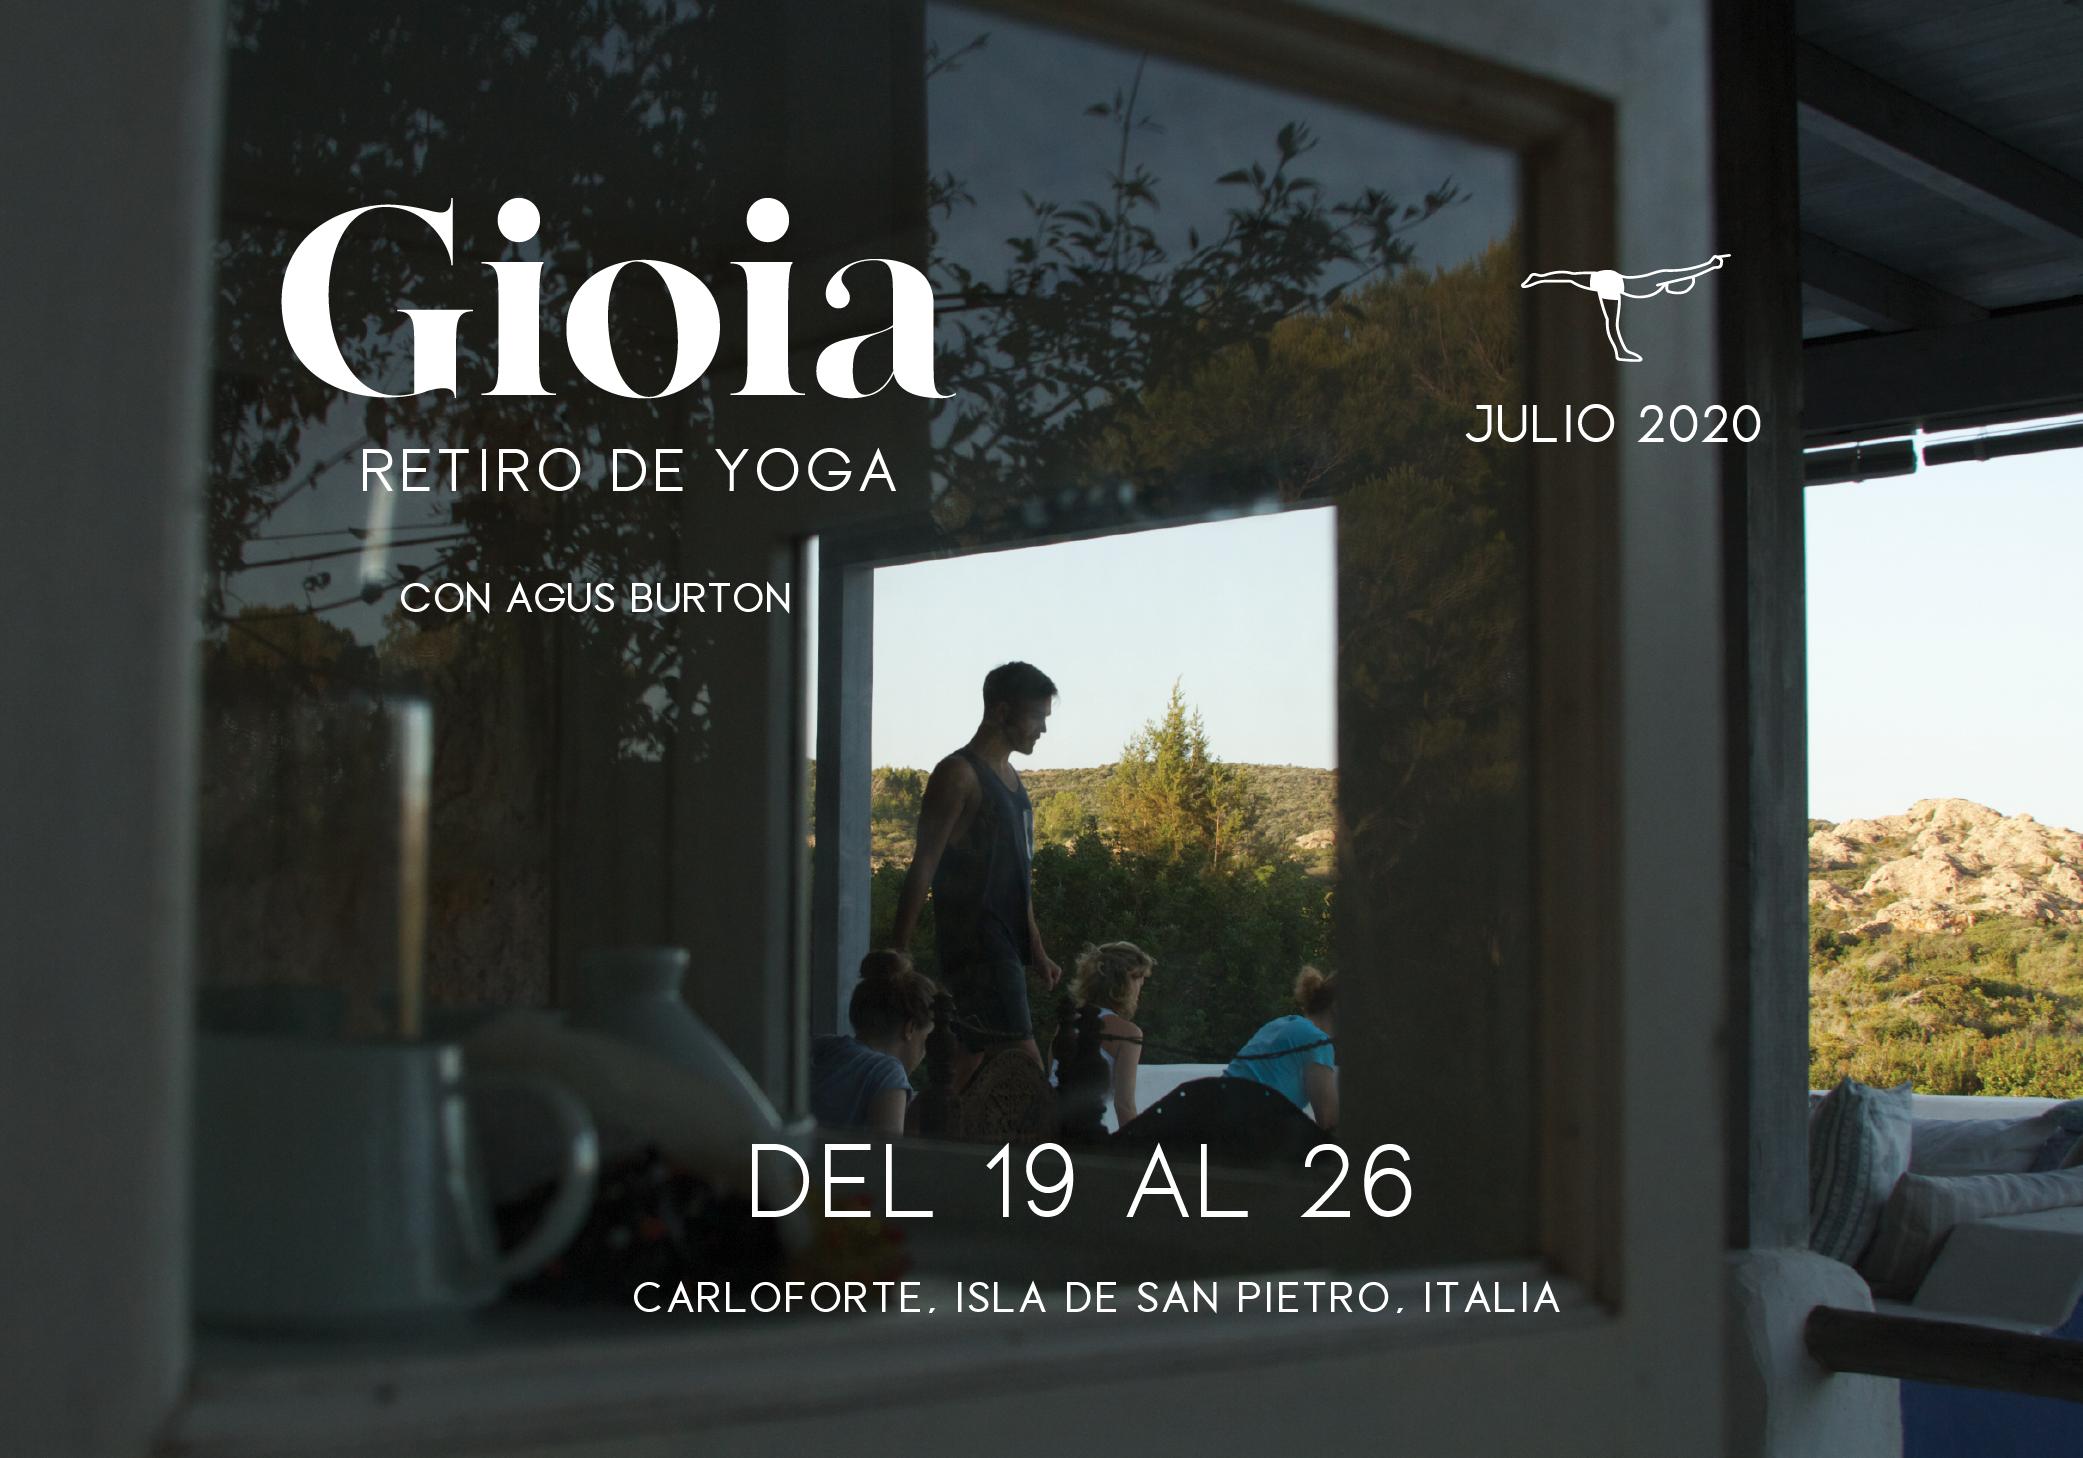 gioia_imagenweb_7noches-01